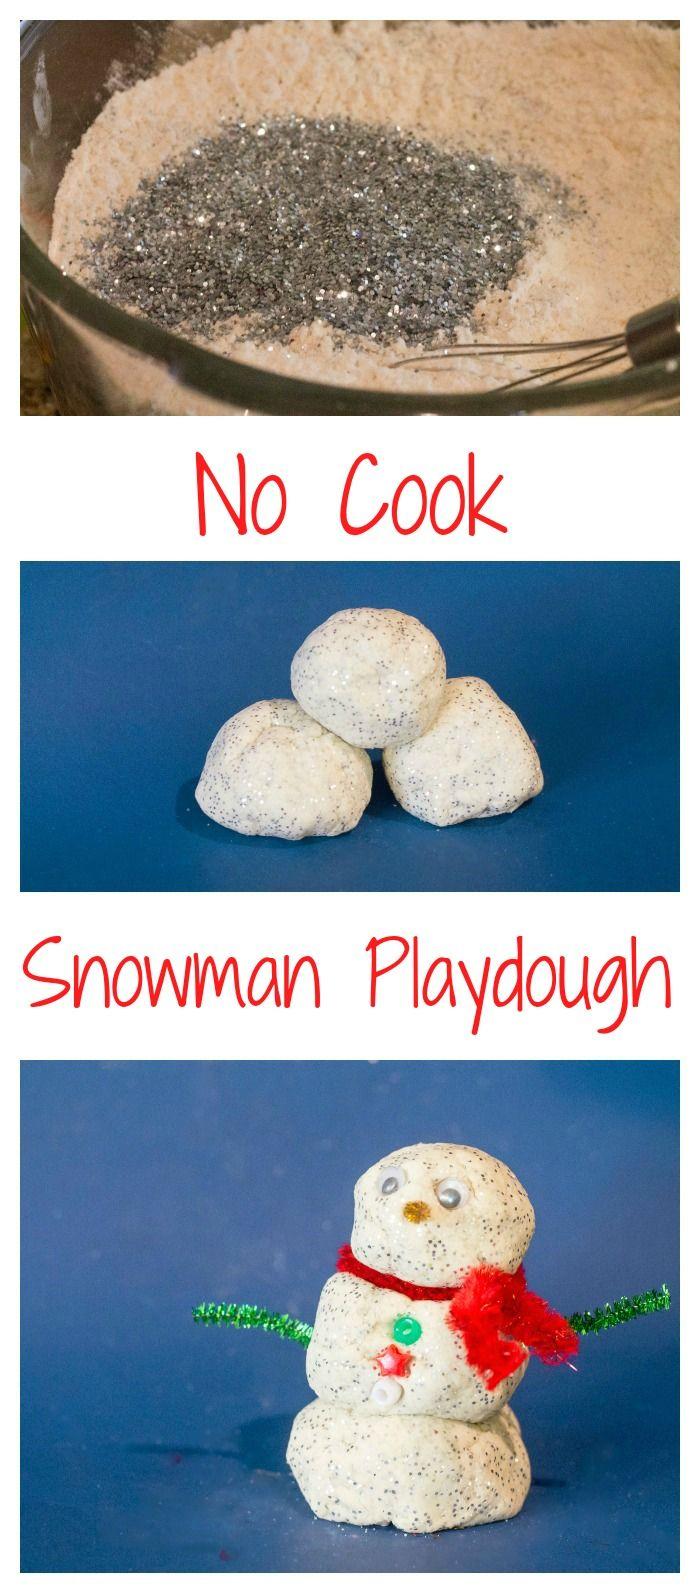 No Cook Snow Playdough Recipe and Snowman Activity! Fun